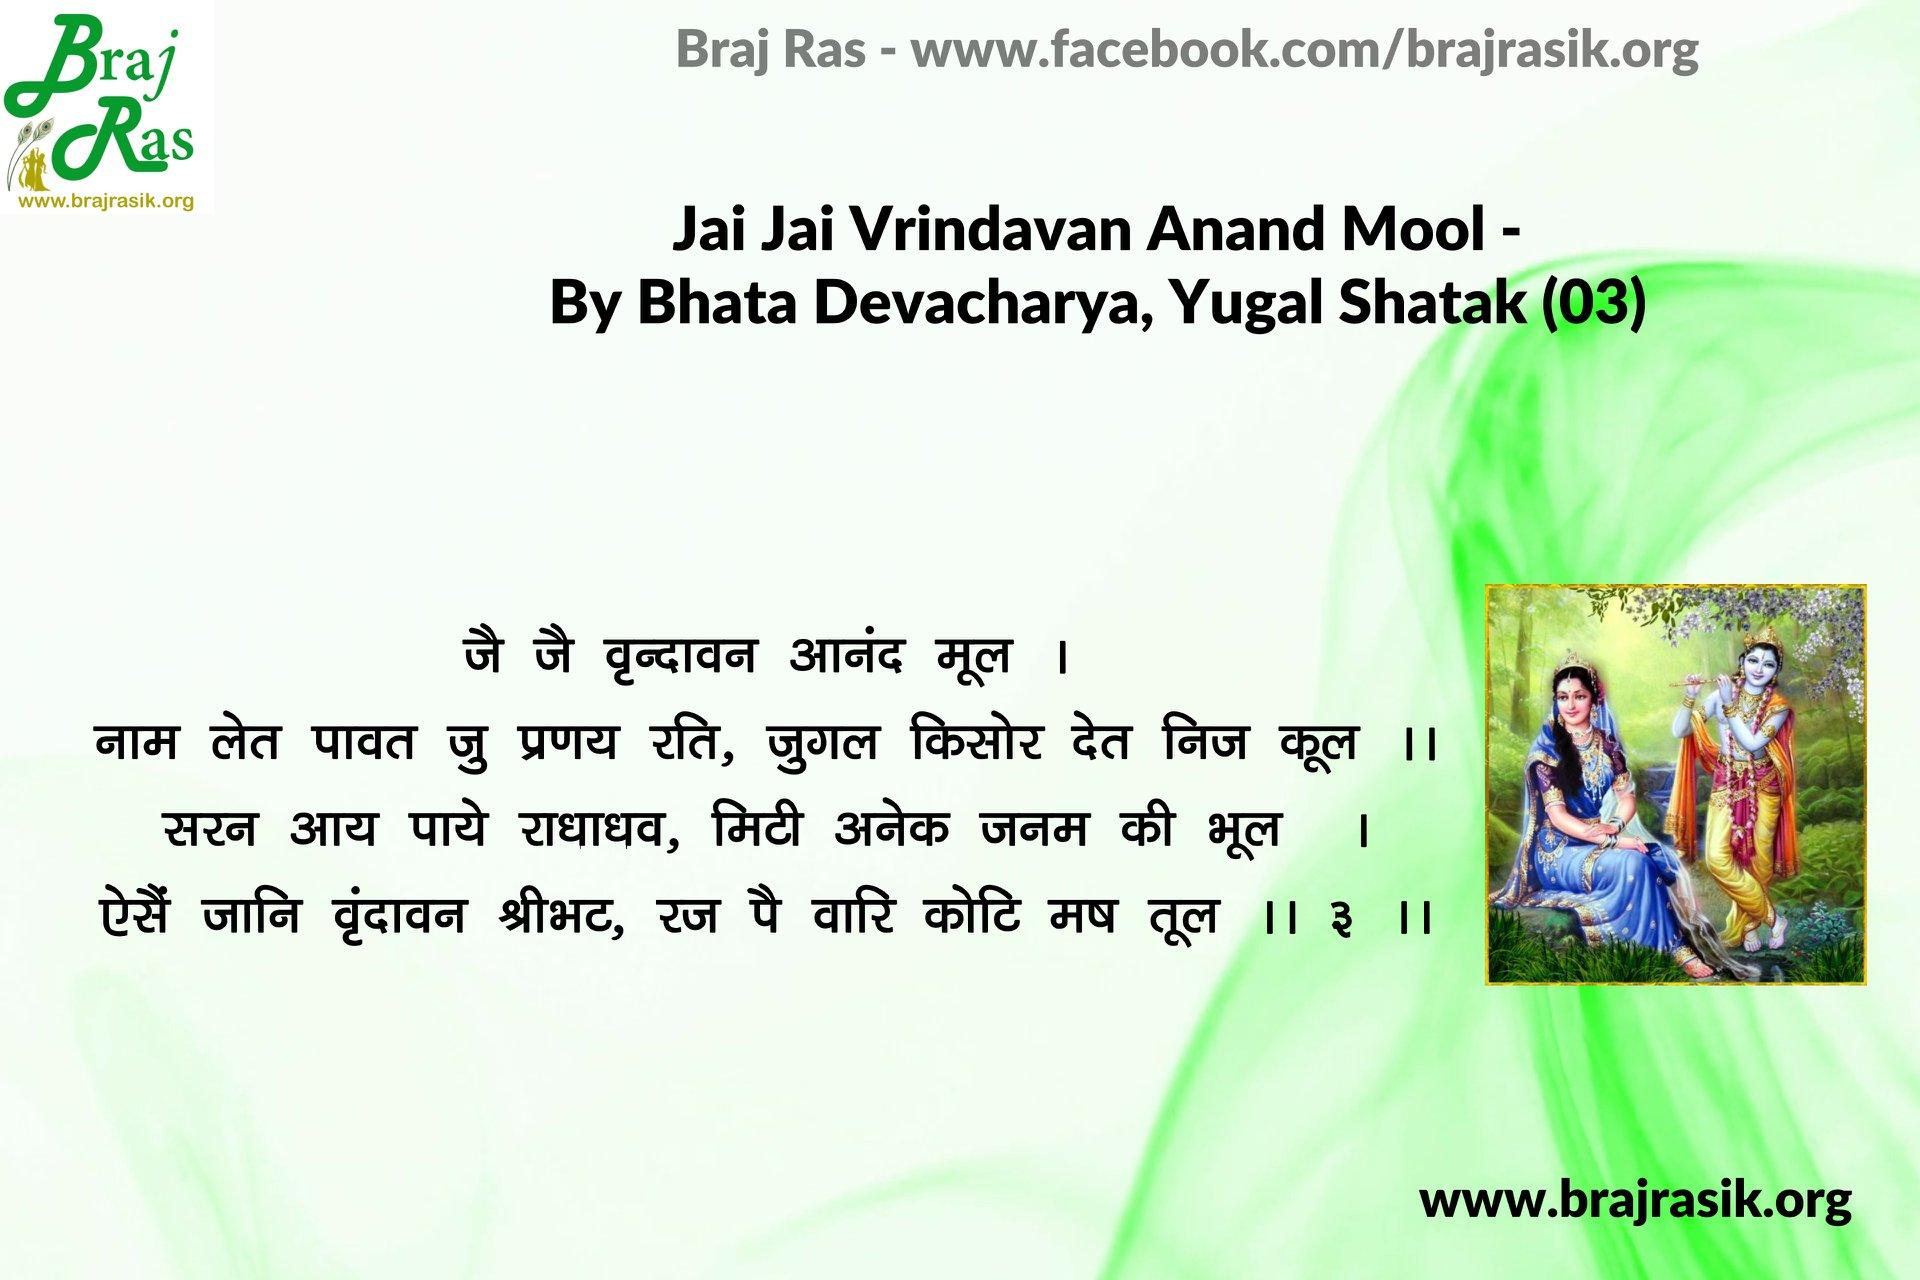 Jai Jai Vrindavan Anand Mool  - Shri Bhata Devacharya, Yugal Shatak (03)